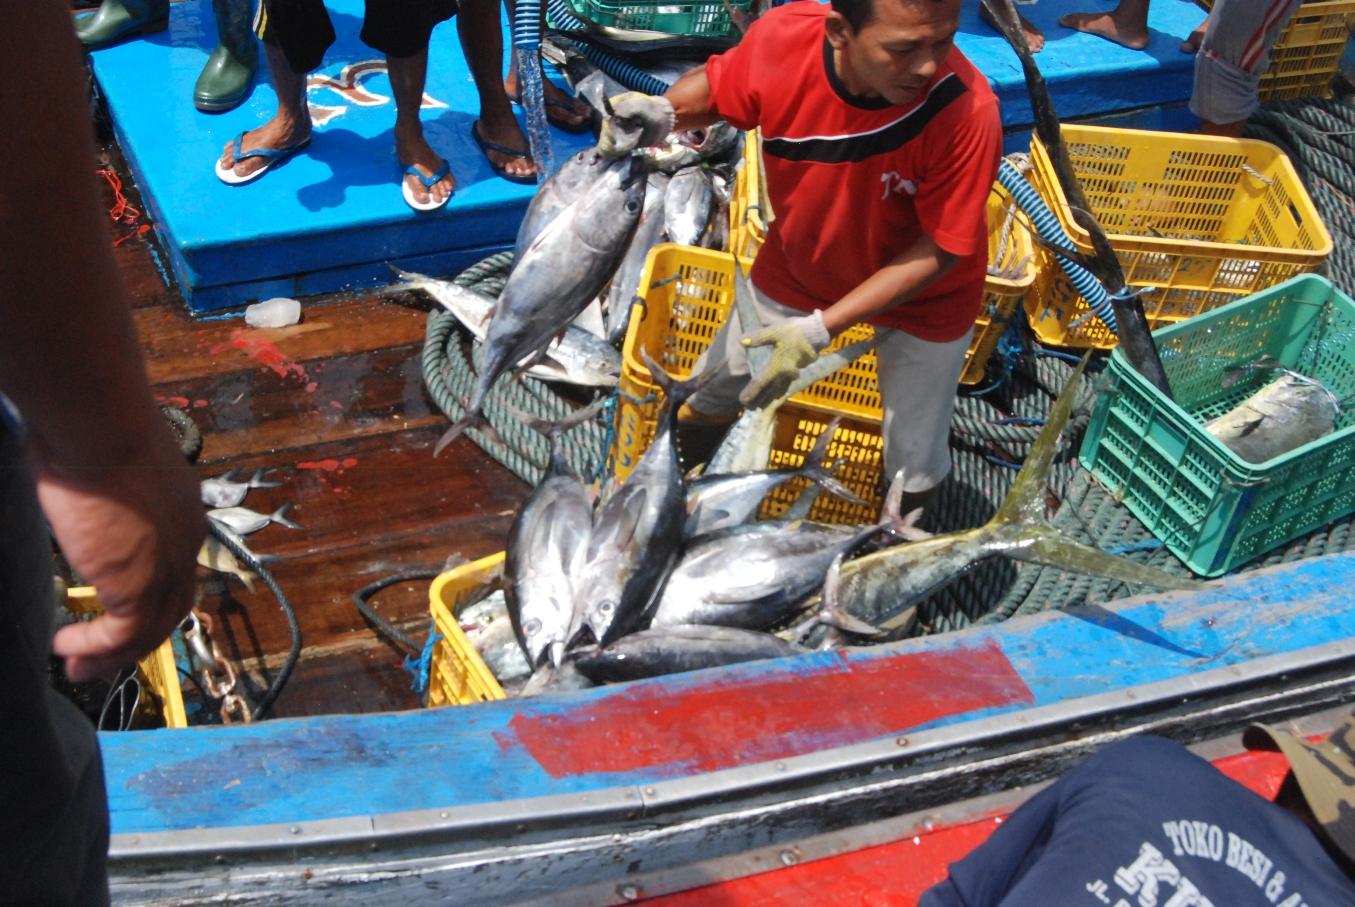 Nelayan melakukan bongkar muat ikan hasil tangkapan, termasuk ikan tuna di Pelabuhan Perikanan Sadeng, Gunung Kidul, Yogyakarta pada akhir November 2015. Foto : Jay Fajar